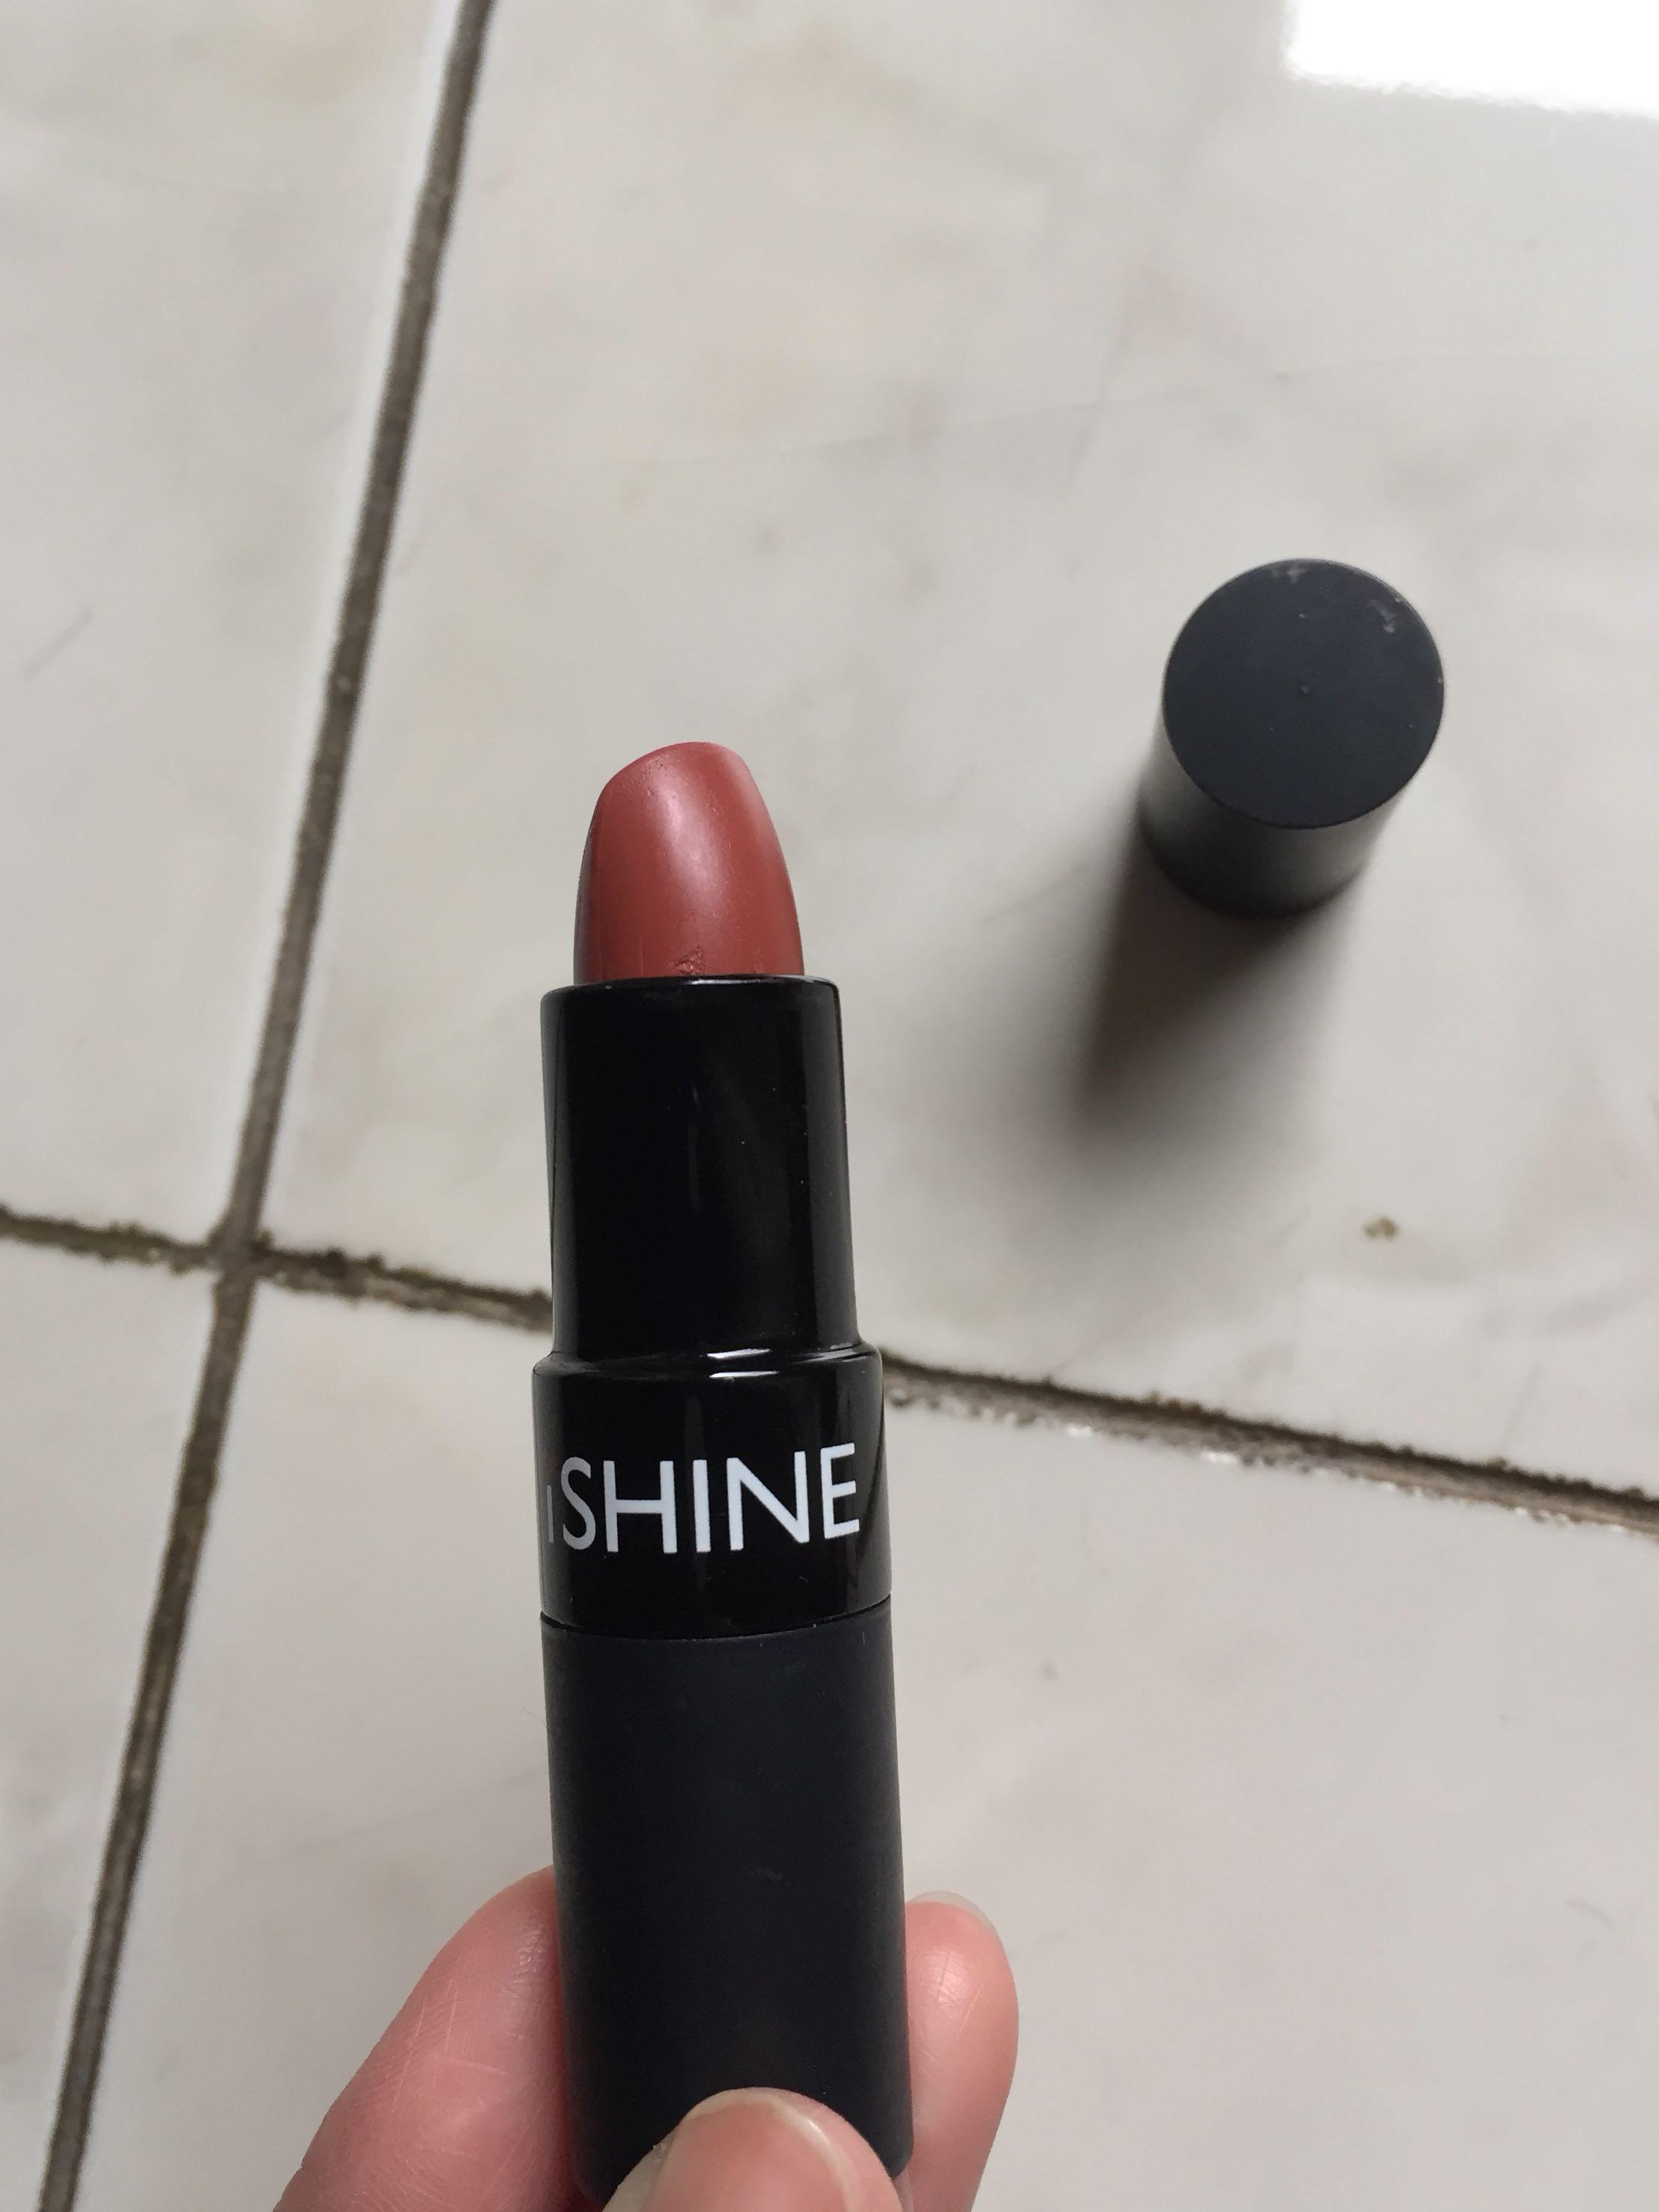 Lipstik moisturizing i shine warna macchiato import, belinya cuma ada di c&f. Kondisi 80%, engga dipake karena engga cocok ma kulit putih aku jdnya pucet. Dipakenya enak lembab.